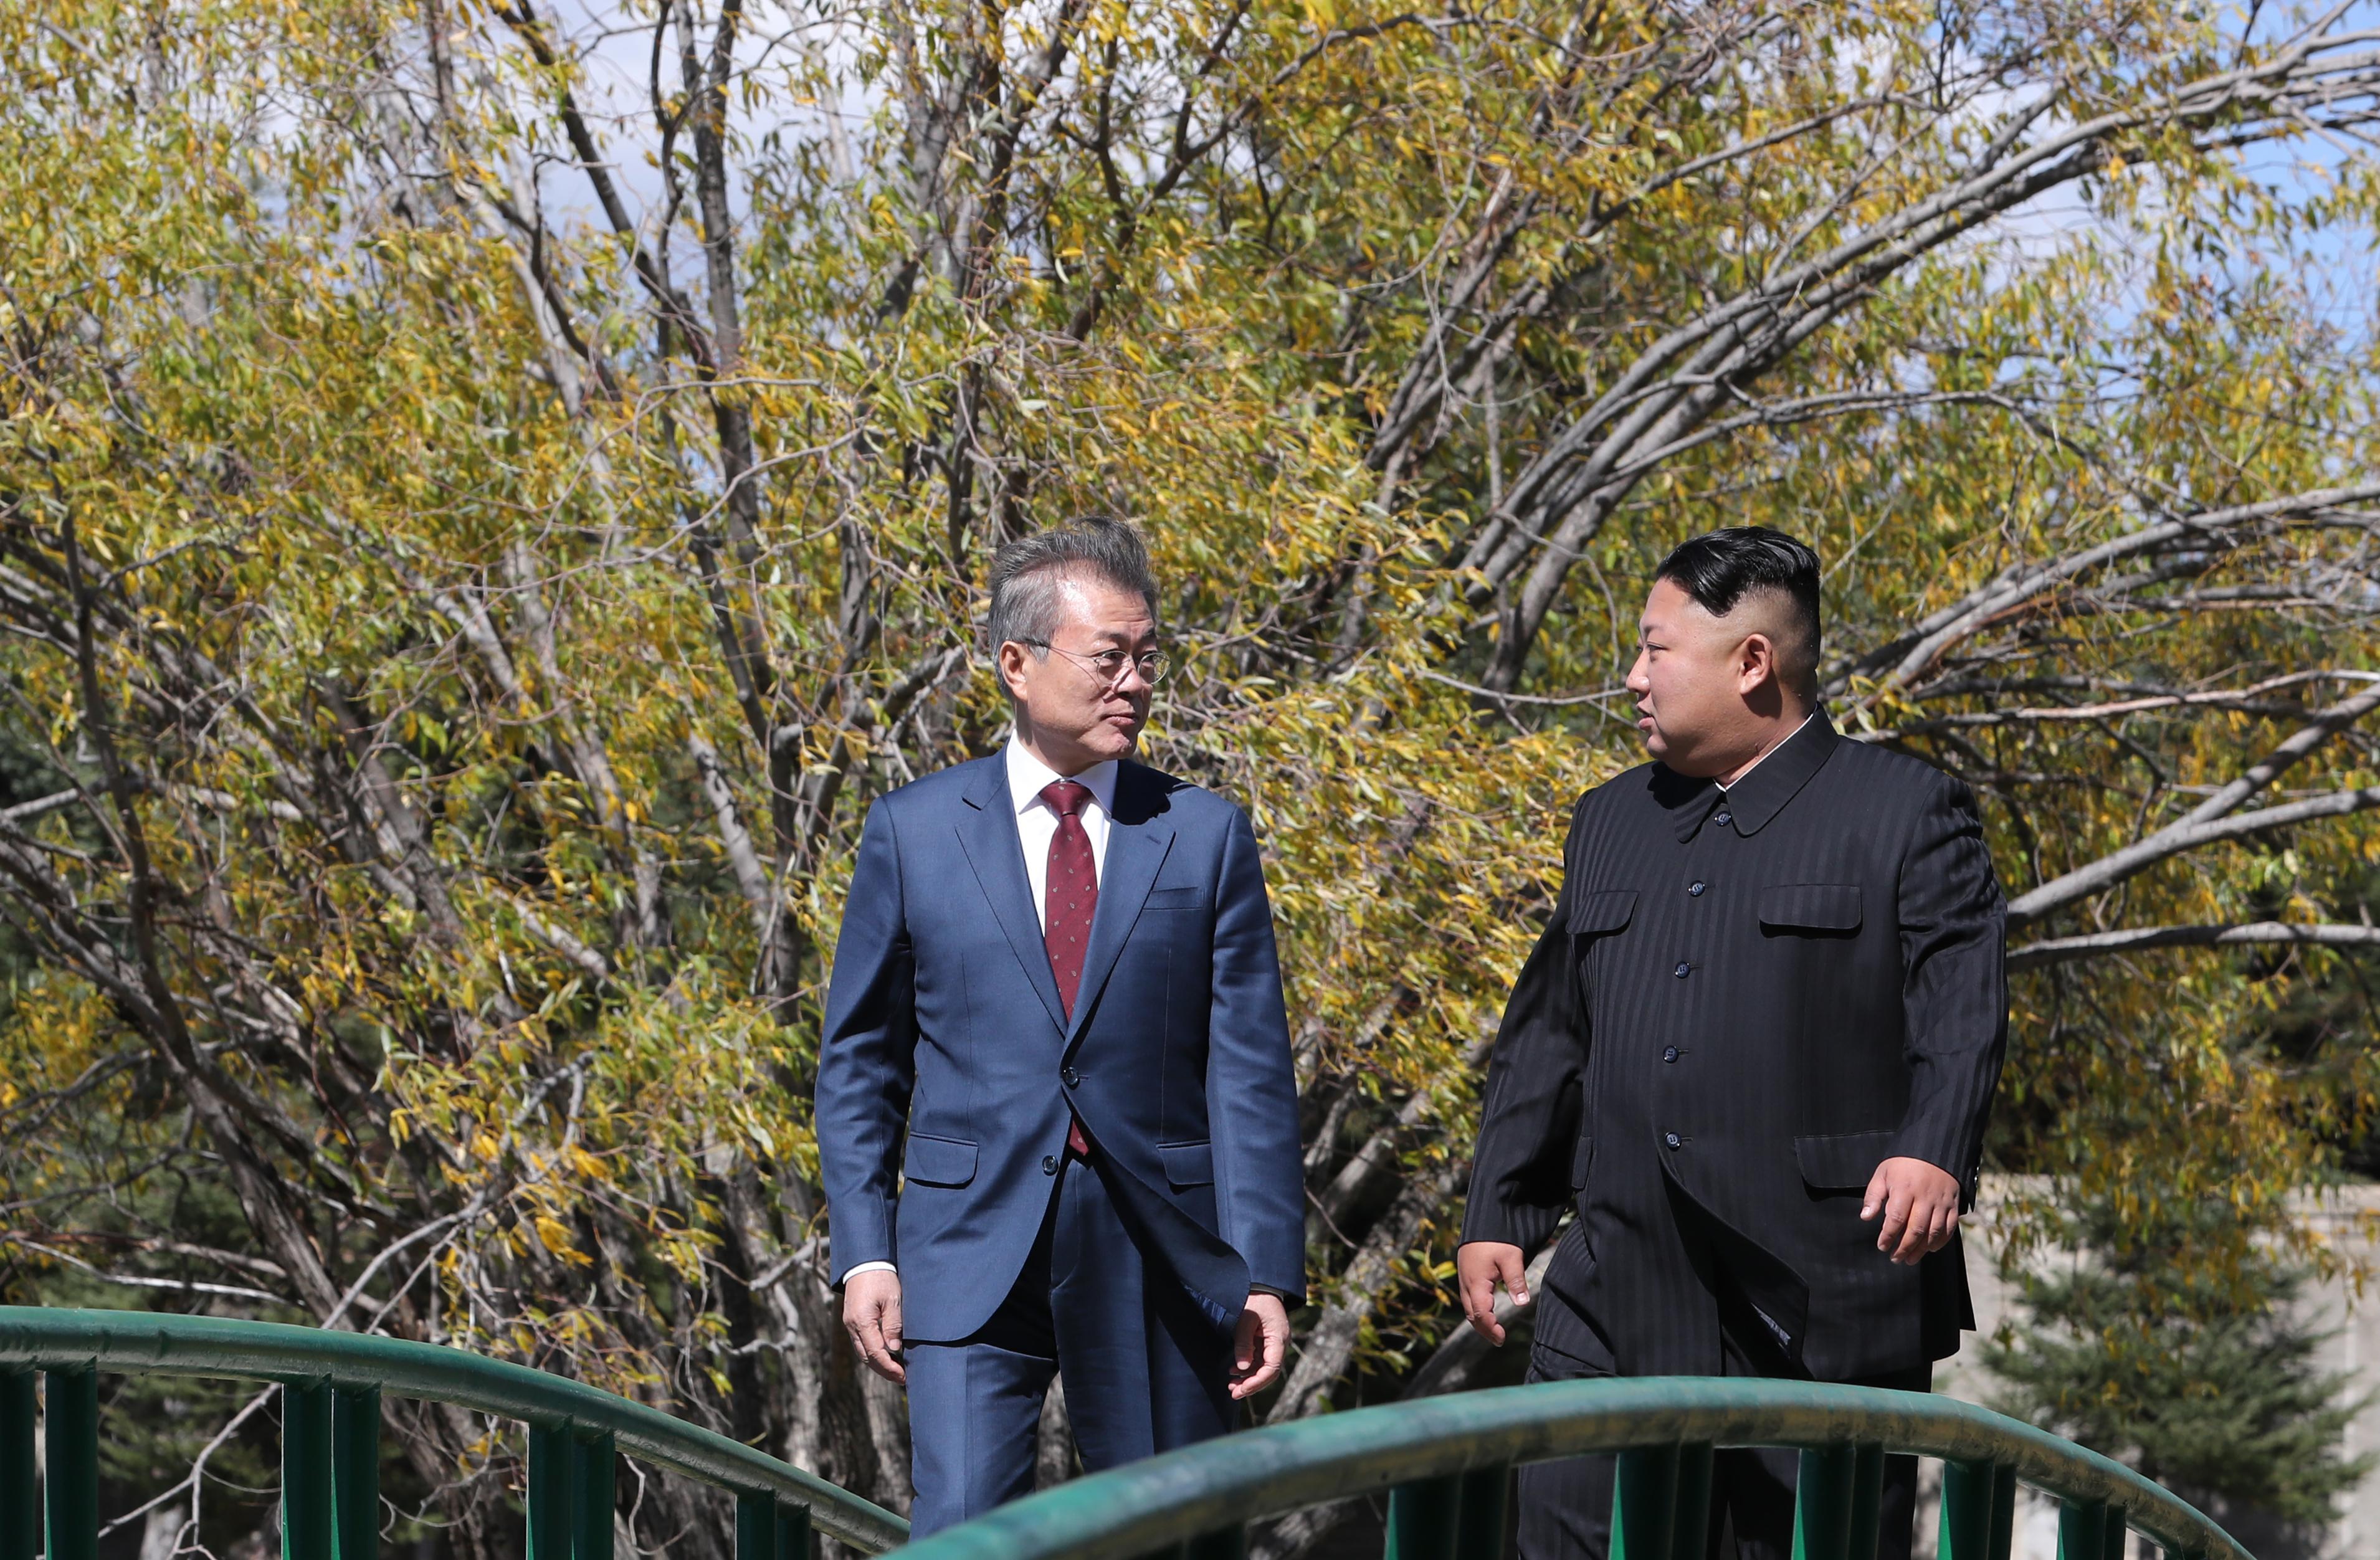 南韓總統文在寅的助手表示,如果第四次韓朝首腦會談順利舉行,文在寅將會替美國總統特朗普傳遞訊息給北韓領導人金正恩。圖為2018年9月20日,第三次韓朝首腦會談在北韓三池淵舉行。(Pyeongyang Press Corps/Pool/Getty Images)